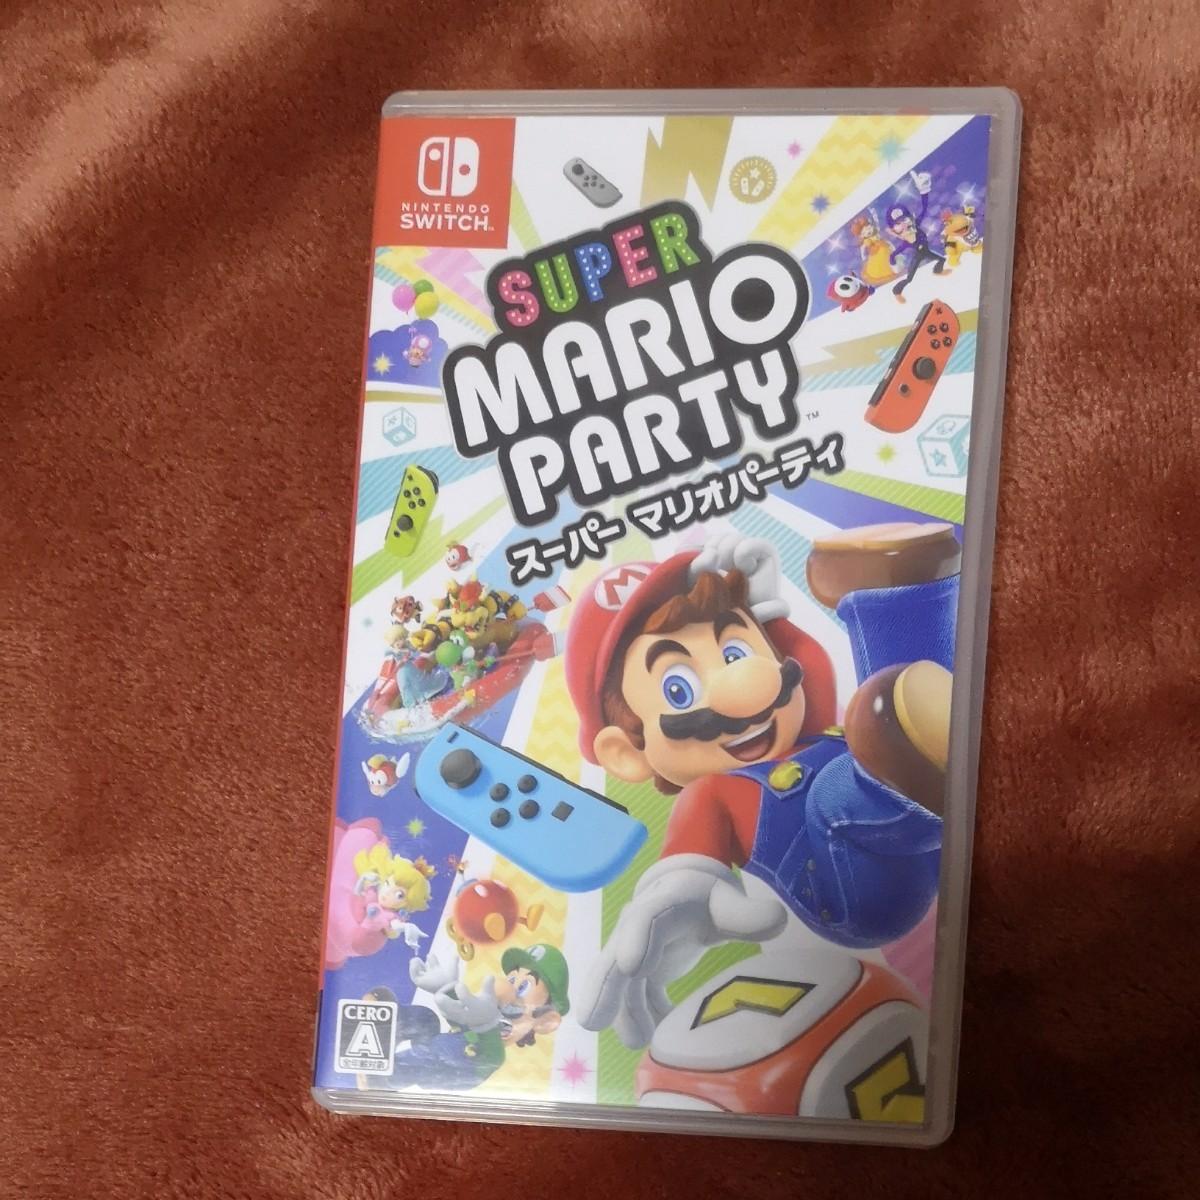 Nintendo Switch スーパーマリオパーティ 任天堂スイッチ ニンテンドースイッチソフト マリオパーティー